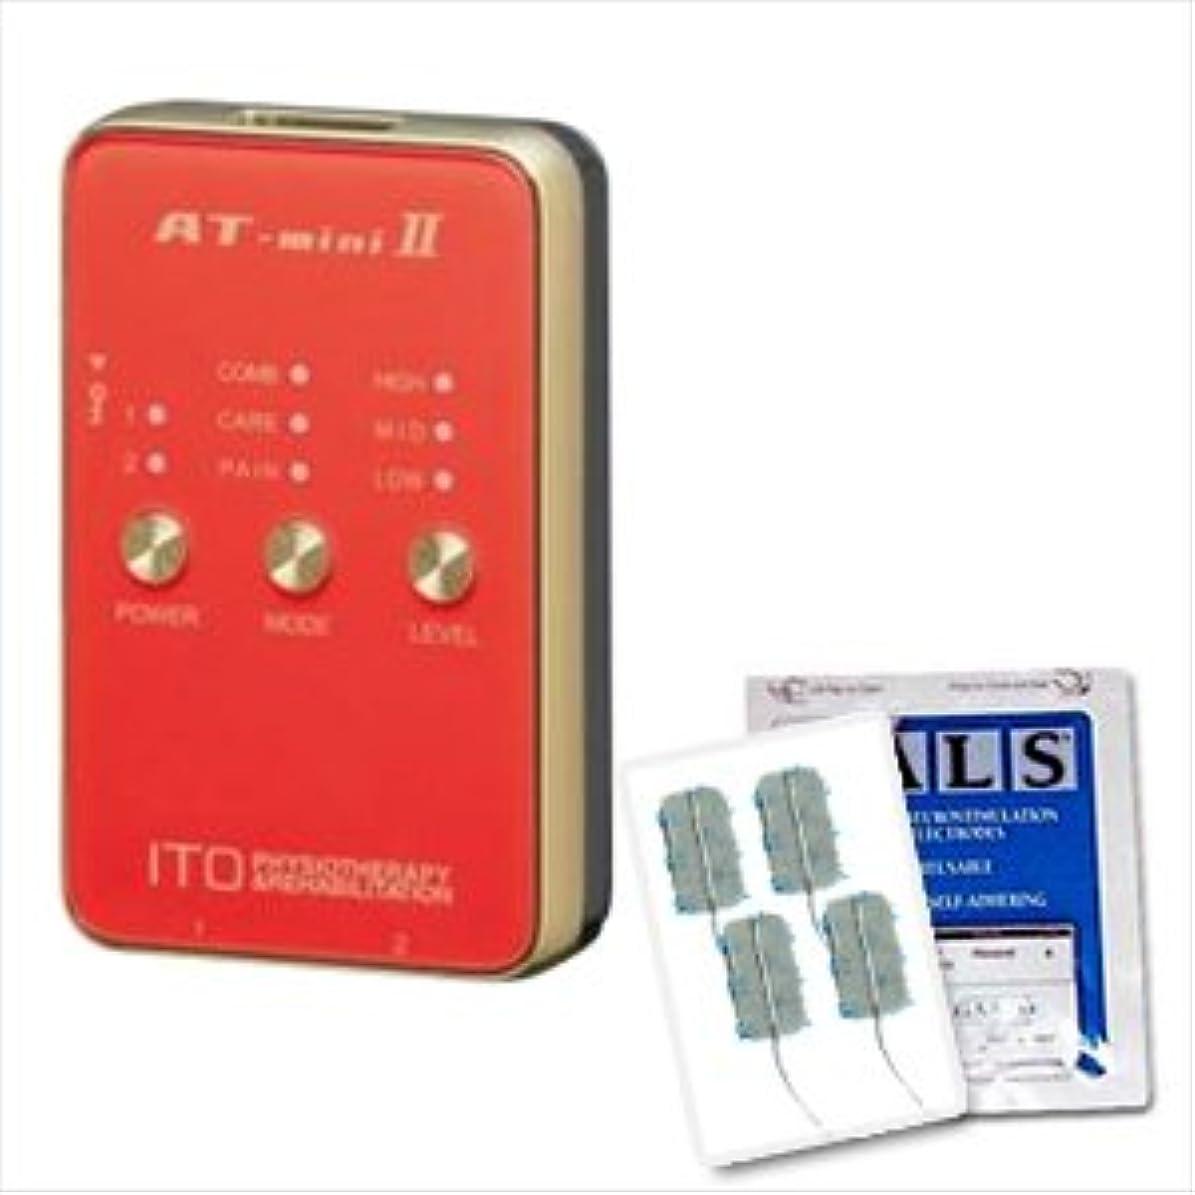 誤って熟達した気分低周波治療器 AT-mini II オレンジ +アクセルガードLサイズ(5x9cm:1袋4枚入)セット